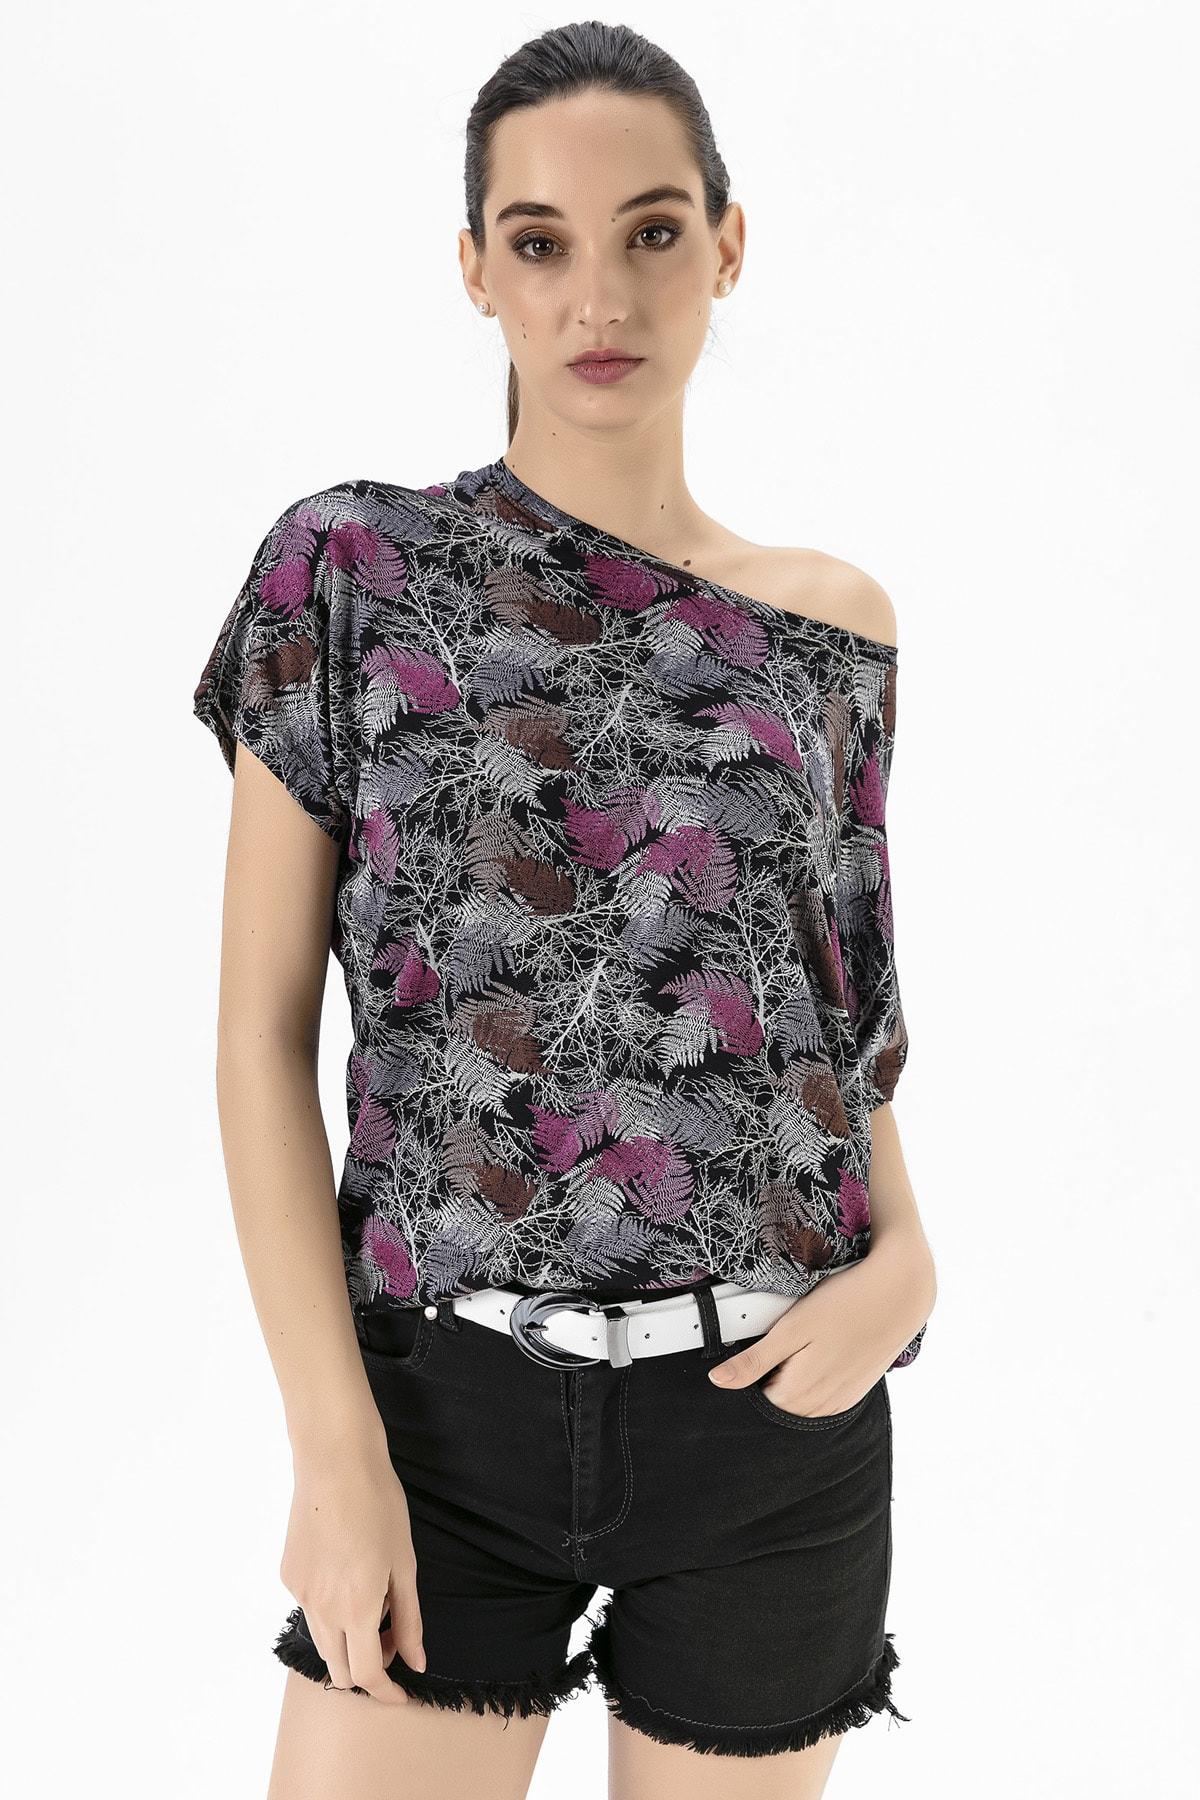 EMJEY Kadın Yaprak Desen Düşük Kol T-Shirt She020Y020001 2